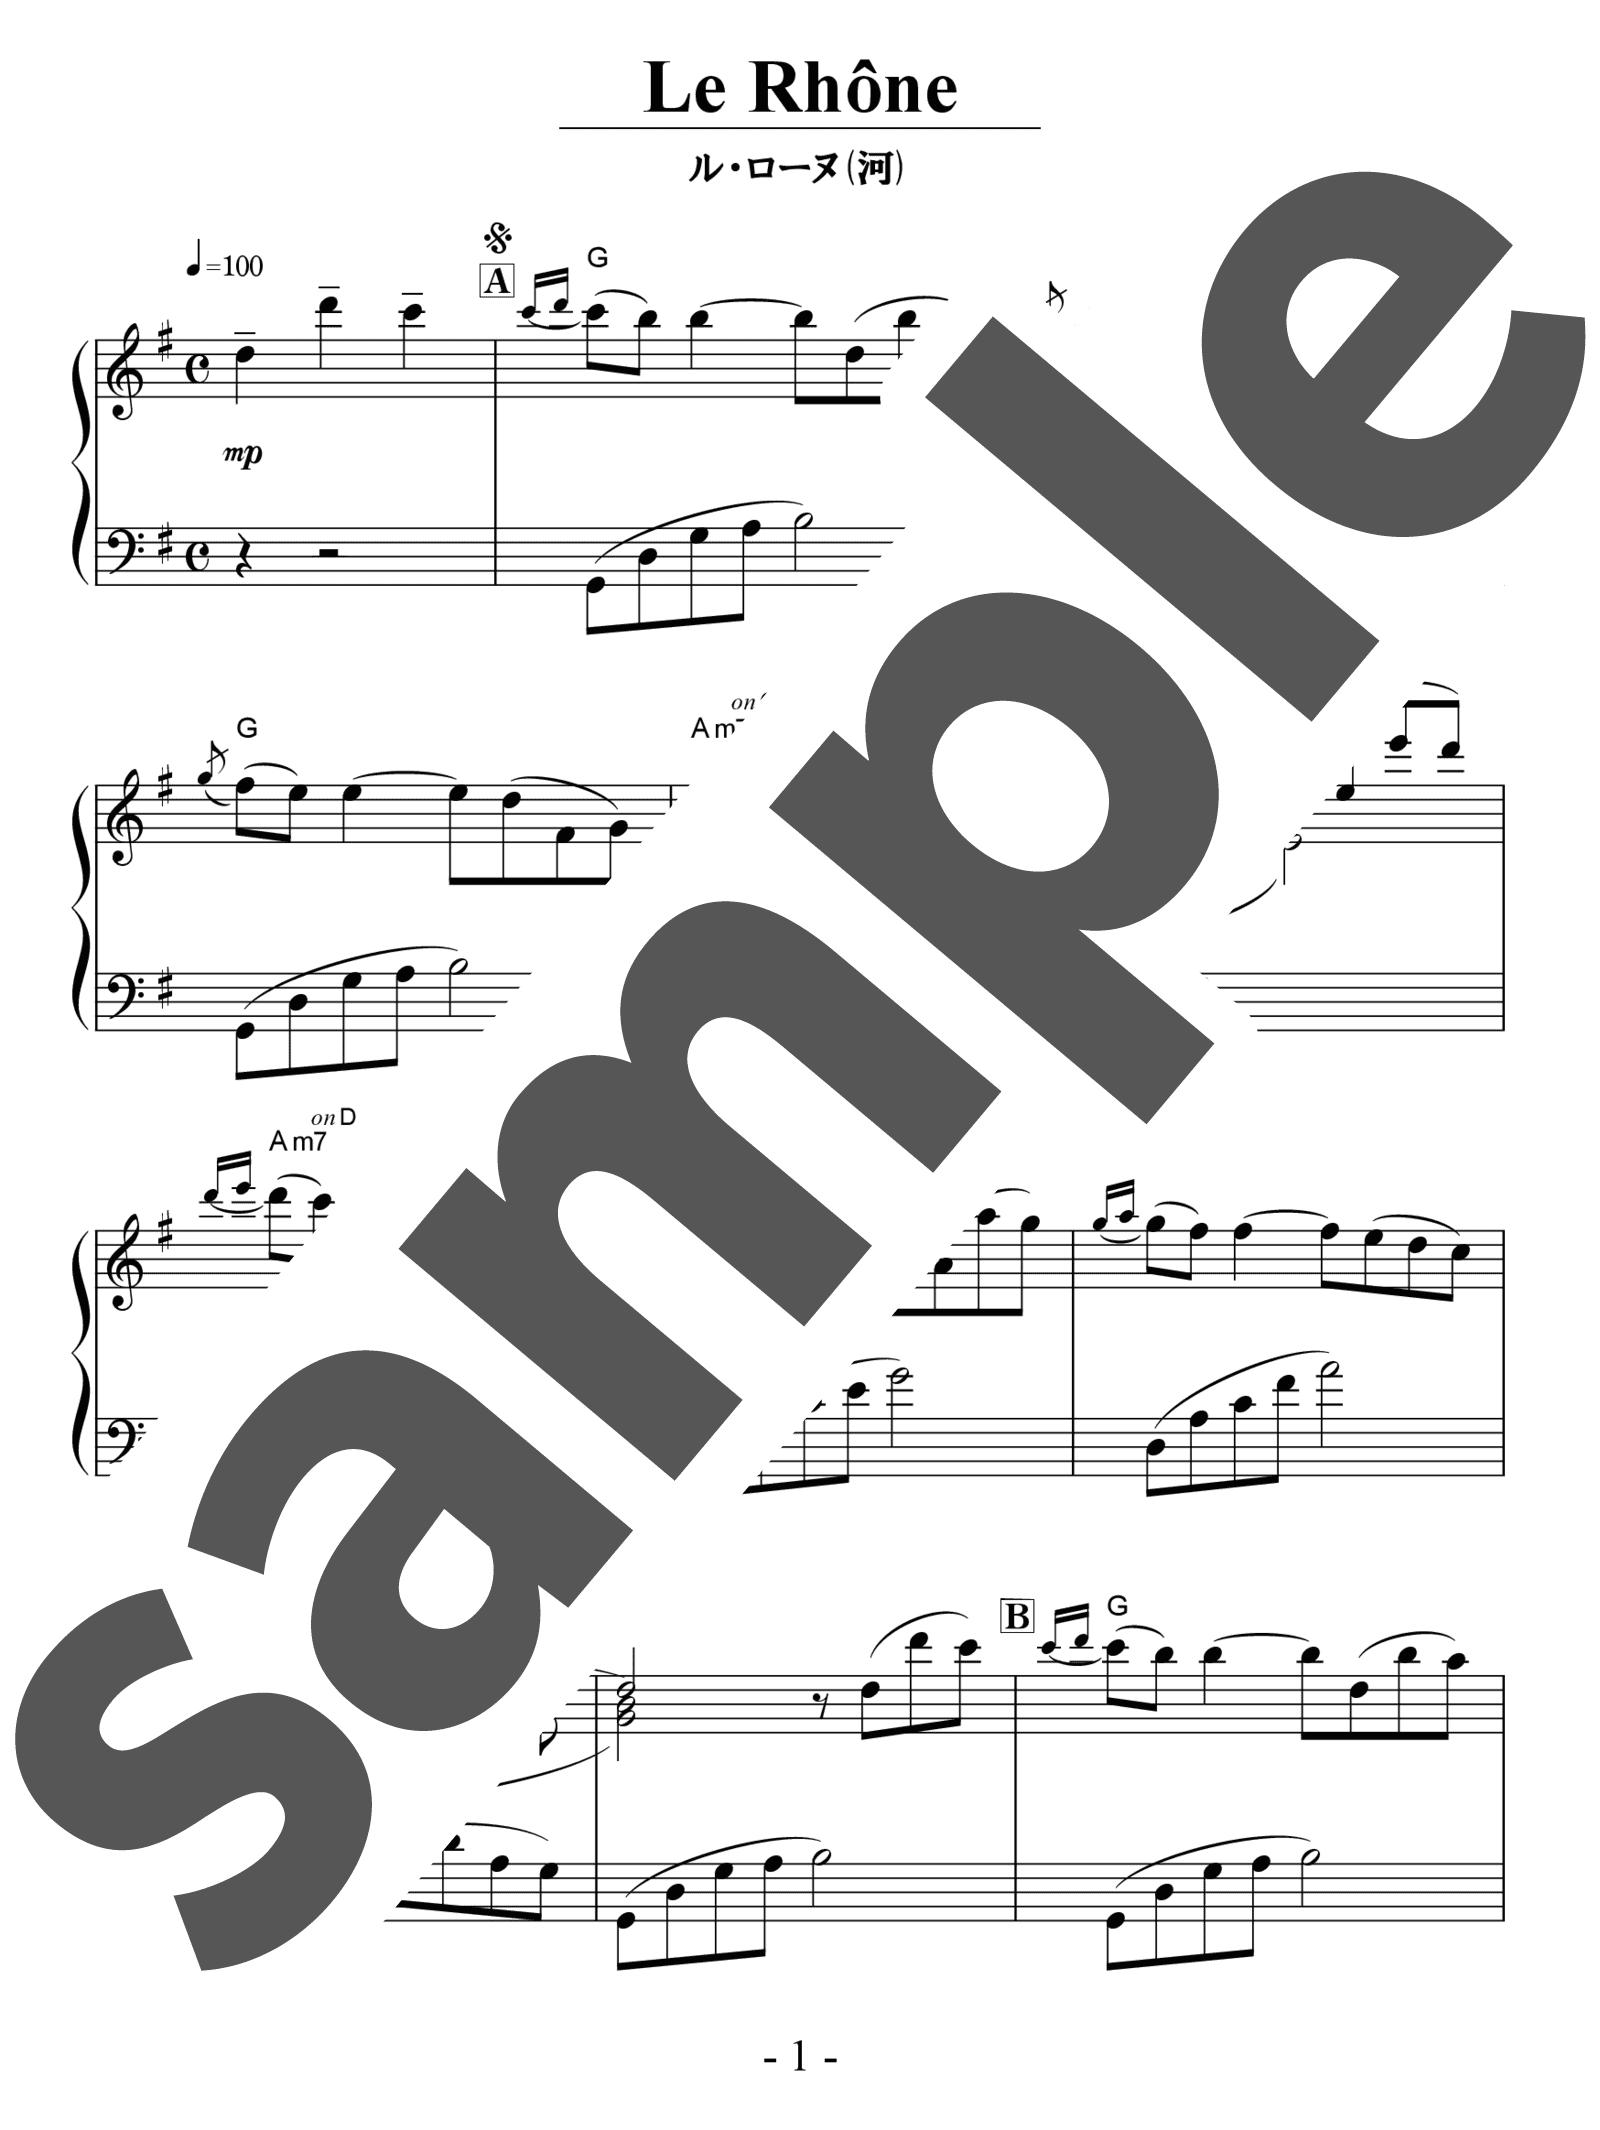 「ル・ローヌ(河)」のサンプル楽譜